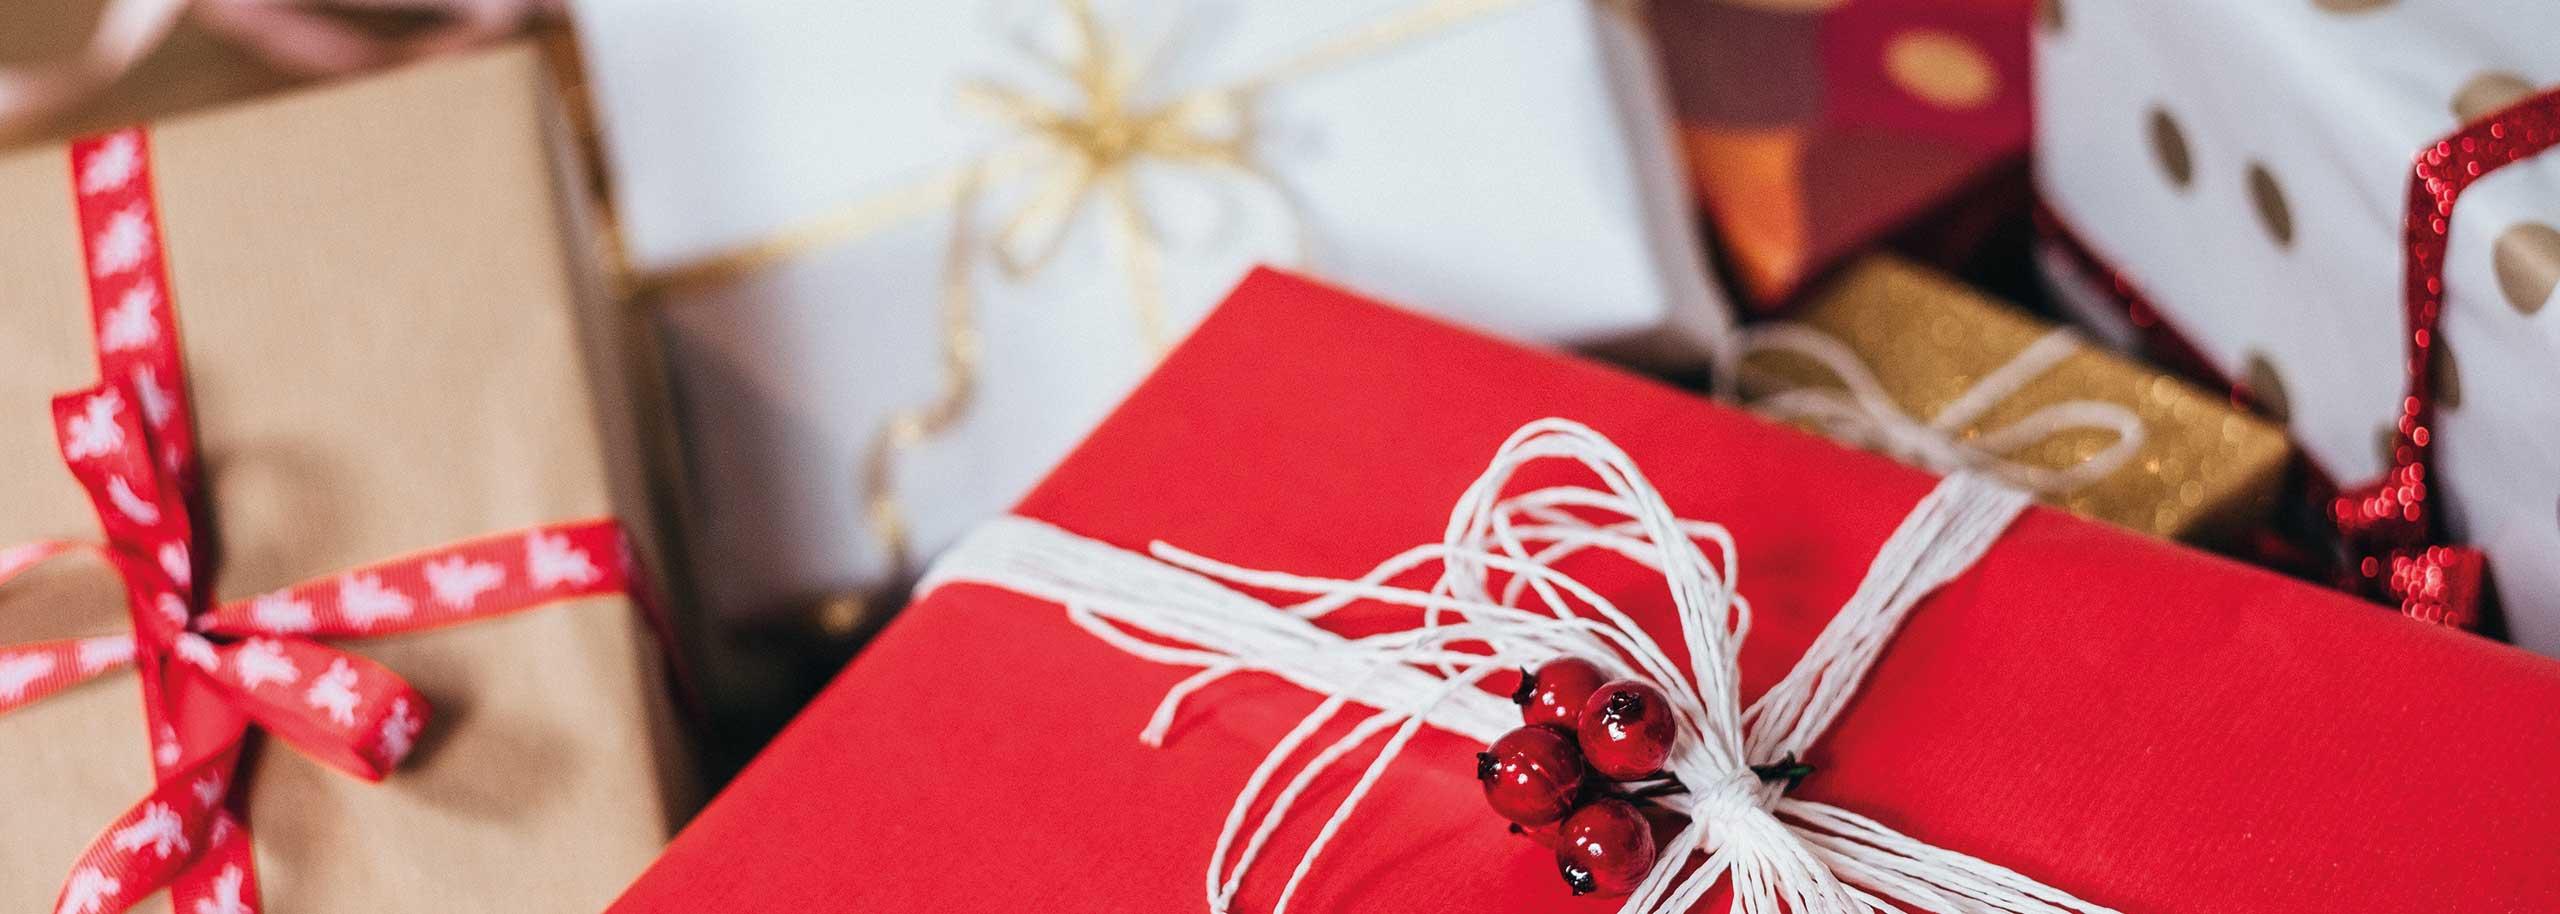 Kundengeschenke Weihnachten Günstig